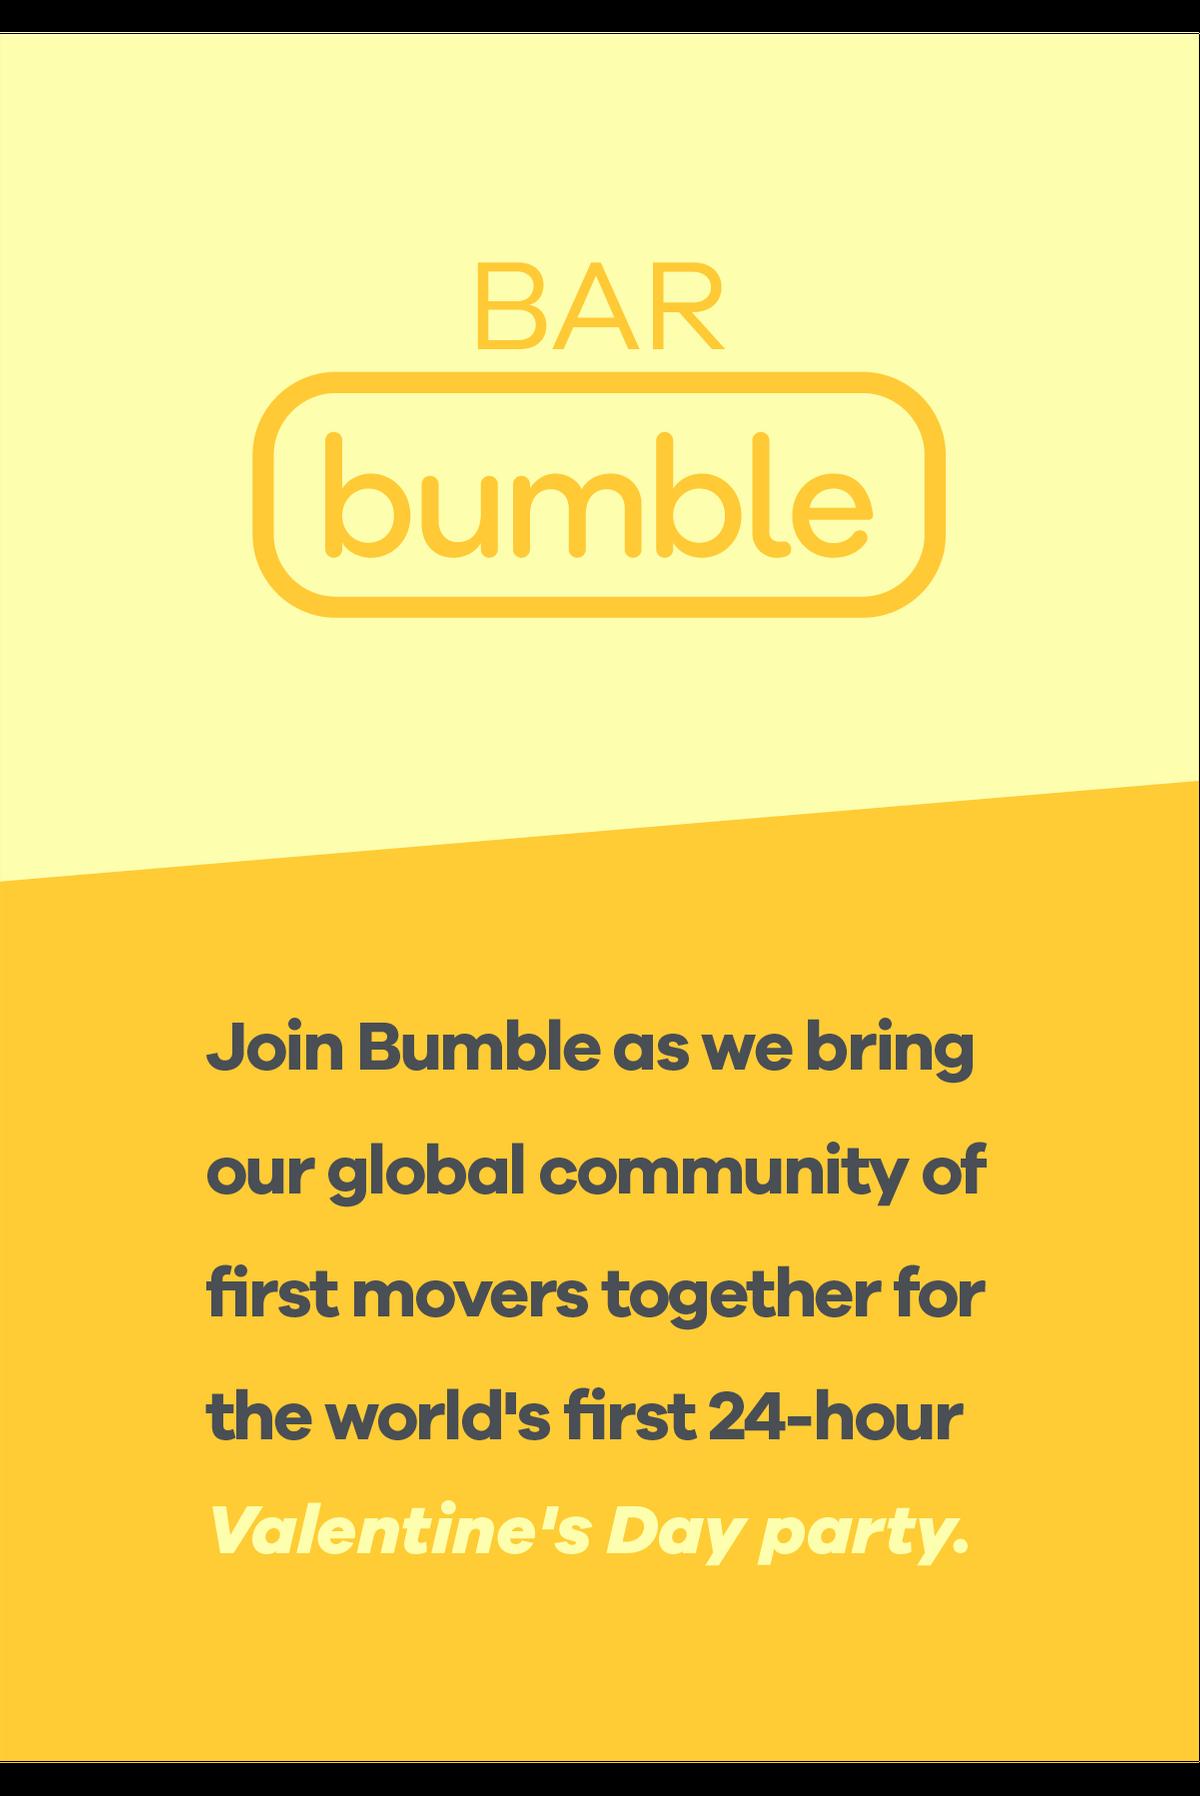 BAR bumble